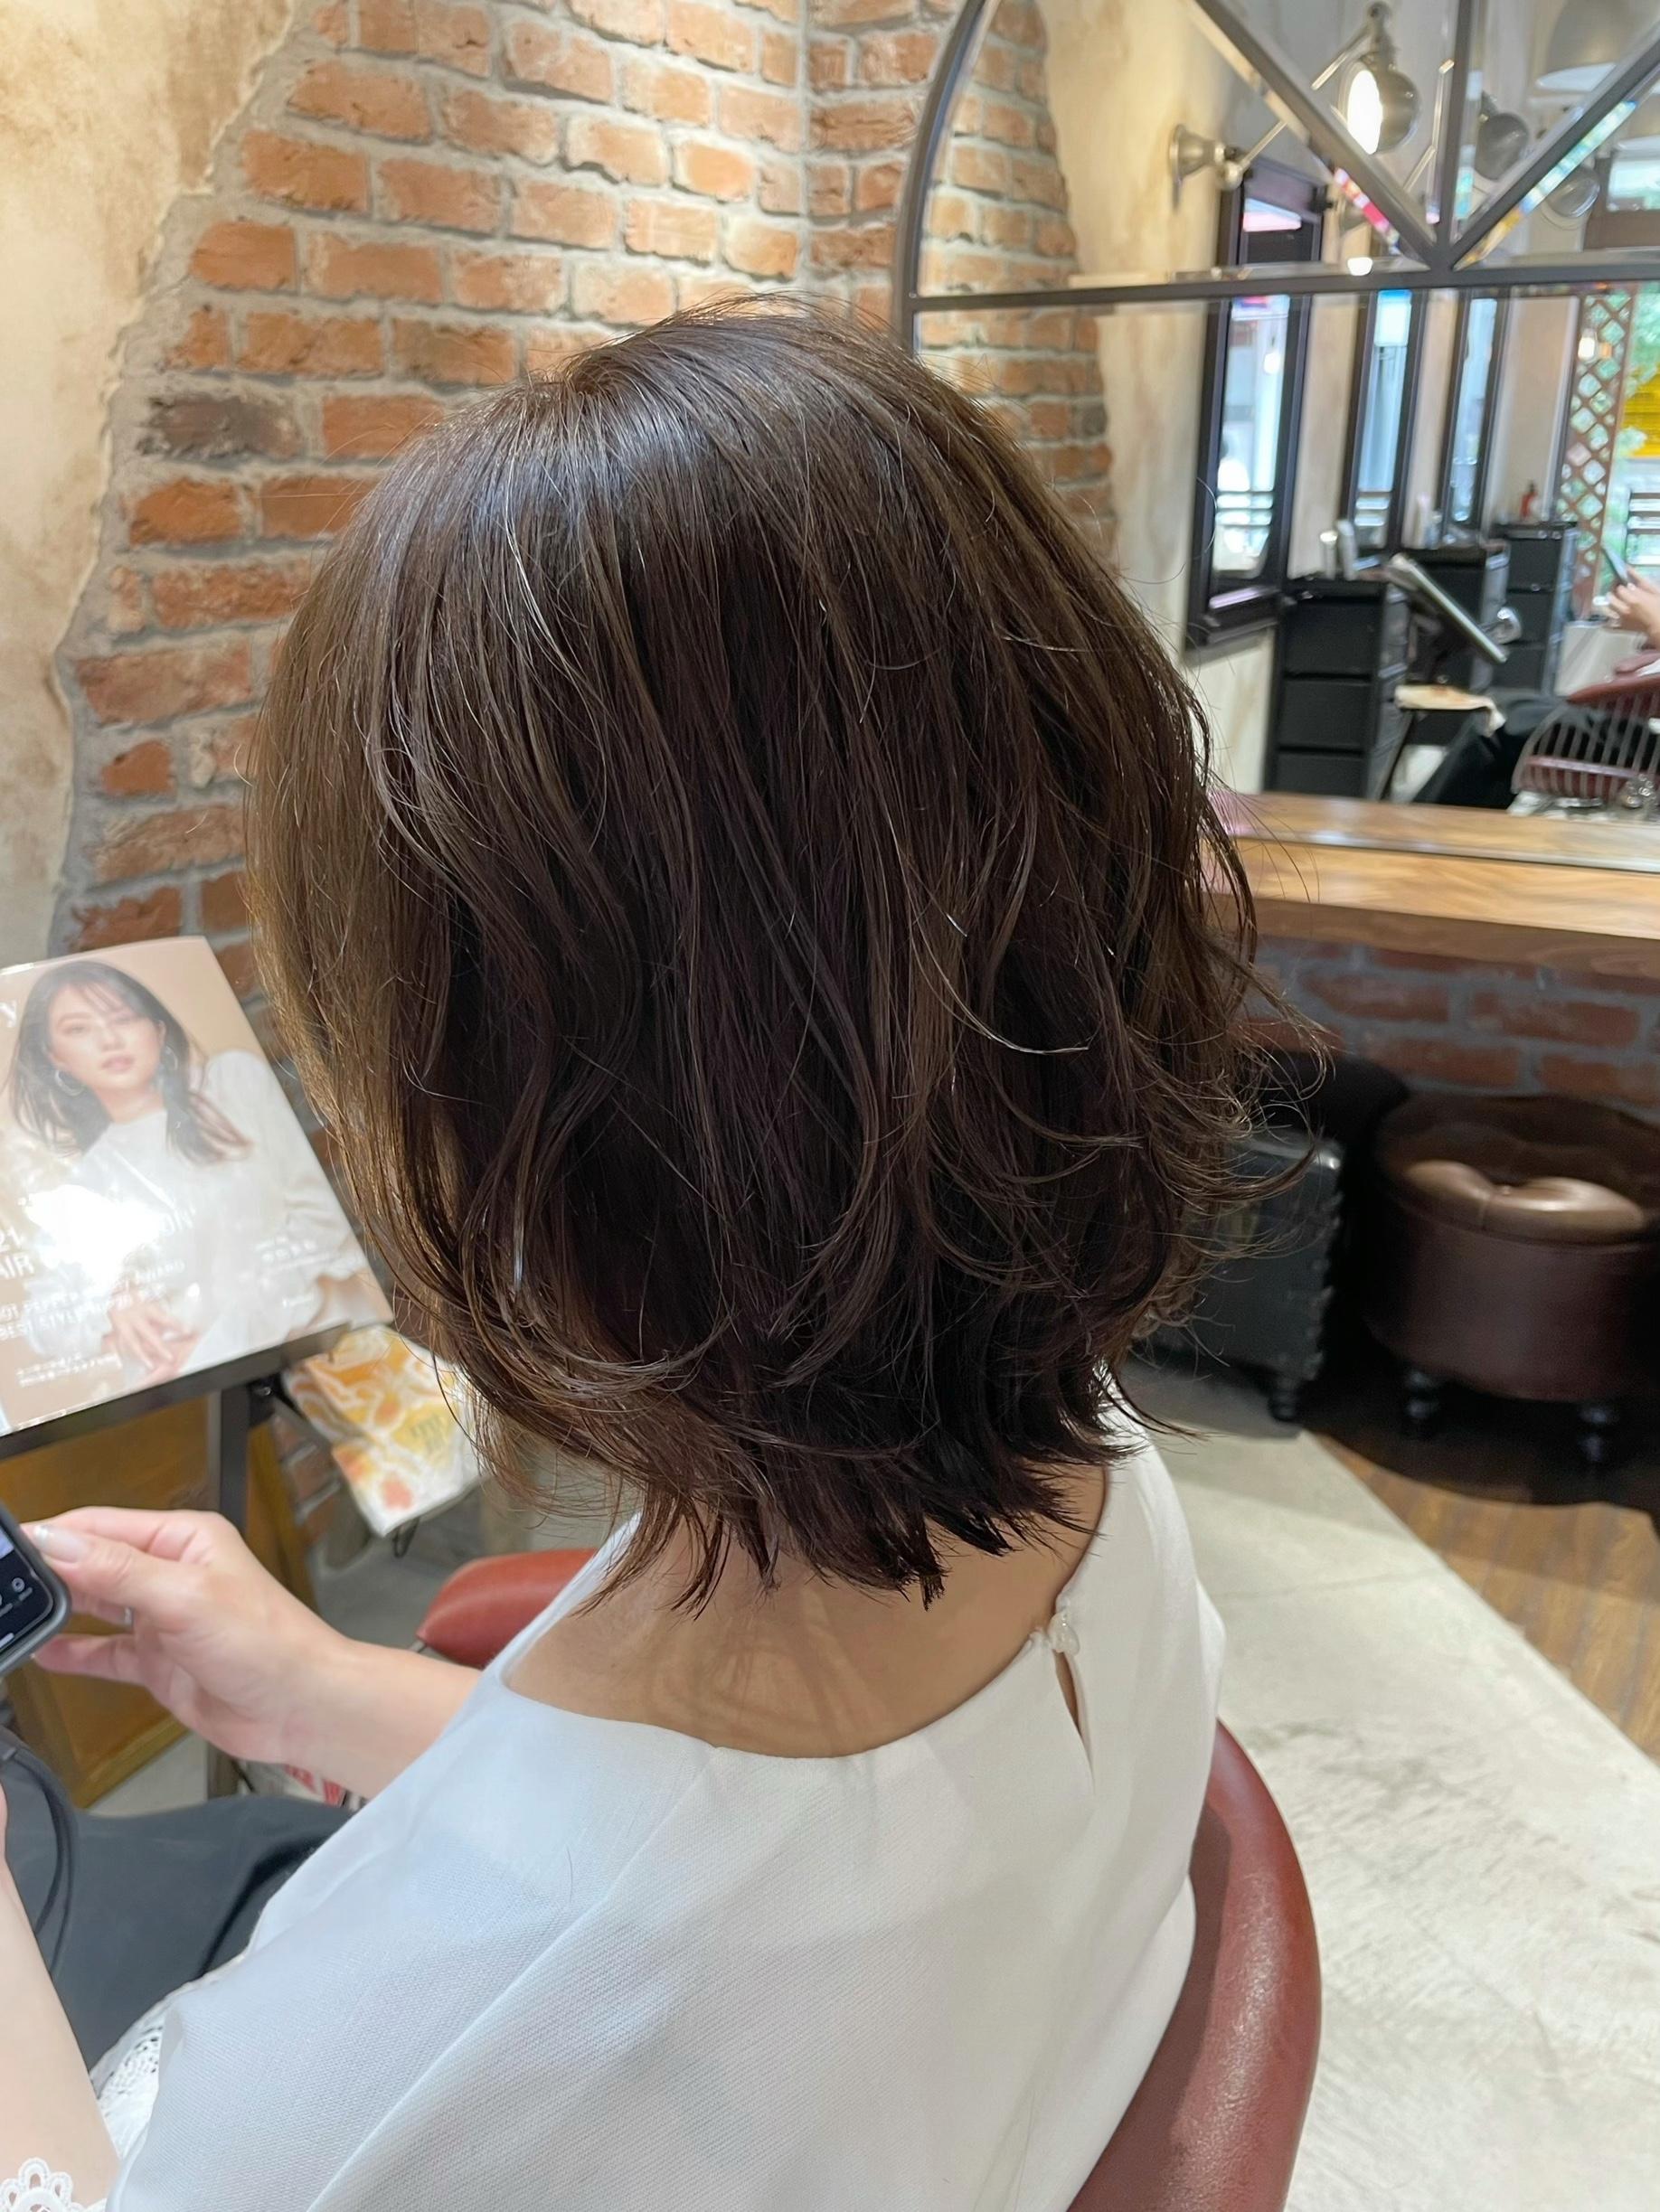 似合う髪型を探している方!2wayスタイルでばっさりカットに挑戦してみては…!!